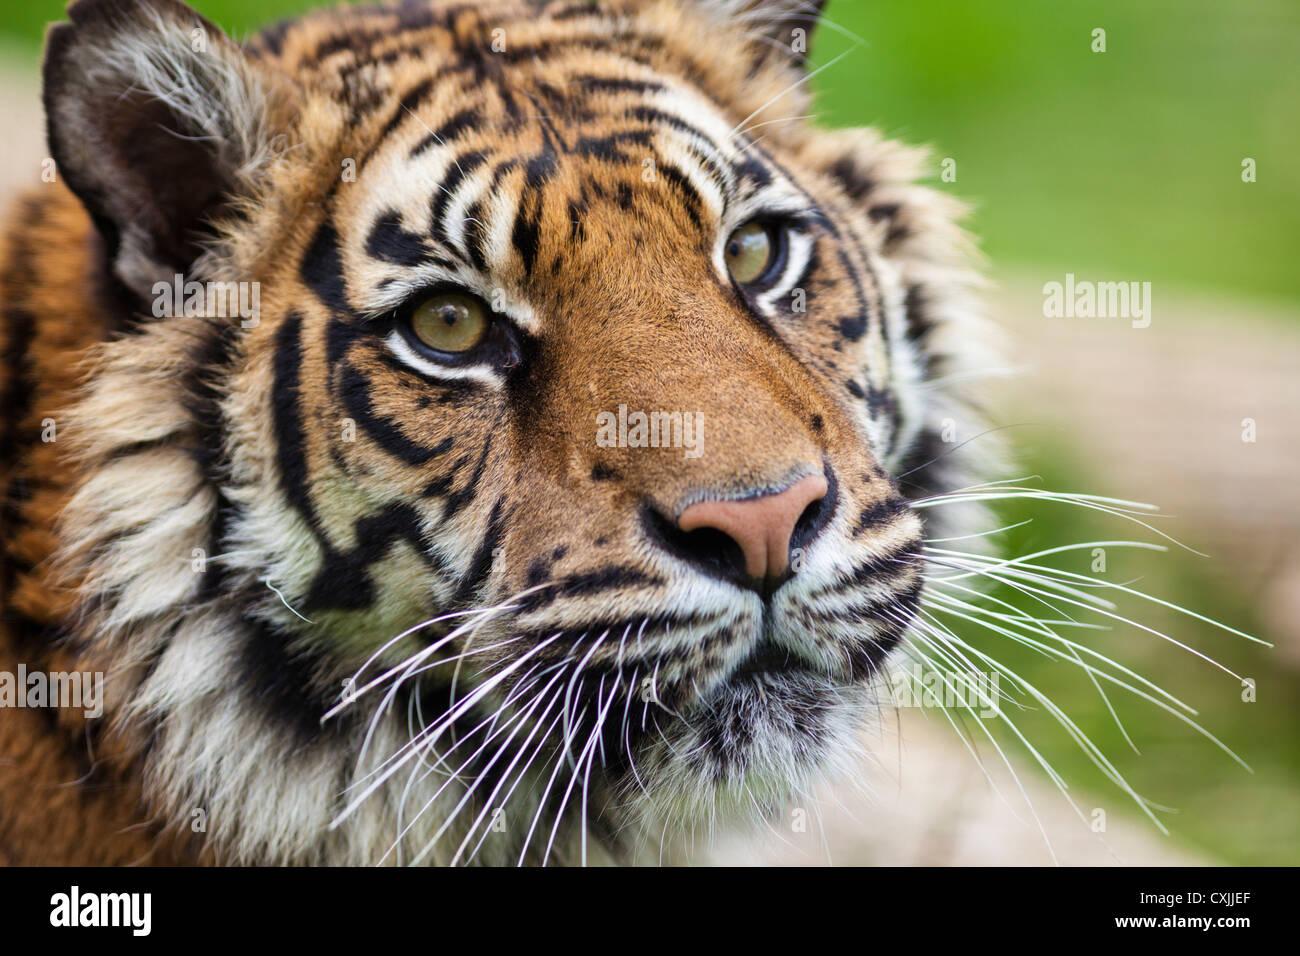 Tiger (Panthera tigris) close portrait Stock Photo